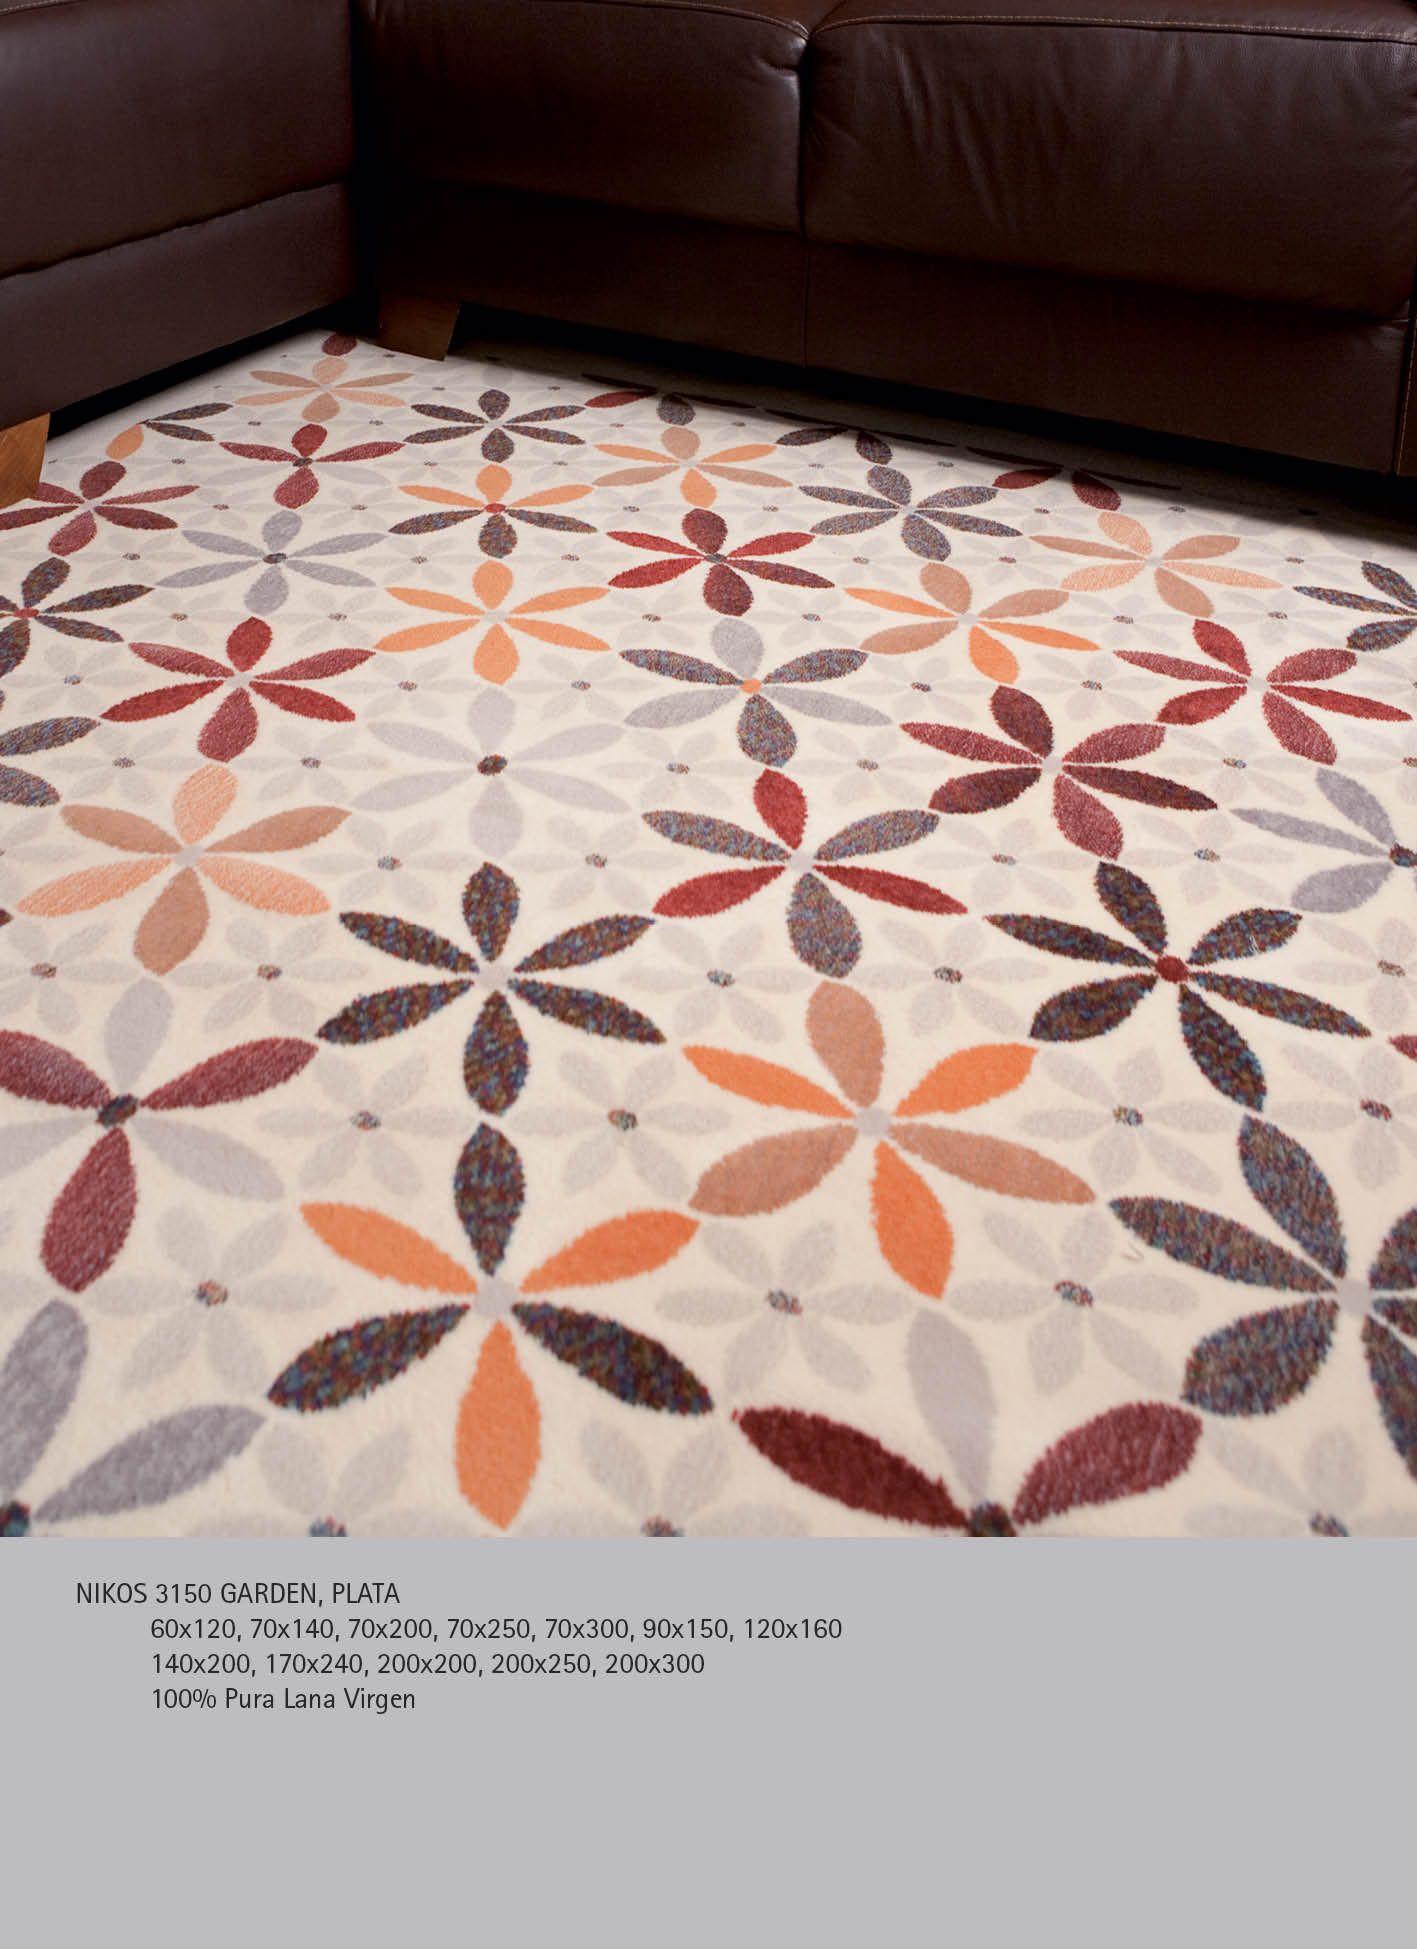 Alfombras crevillent baratas top nueva alfombra colors for Alfombras clasicas baratas